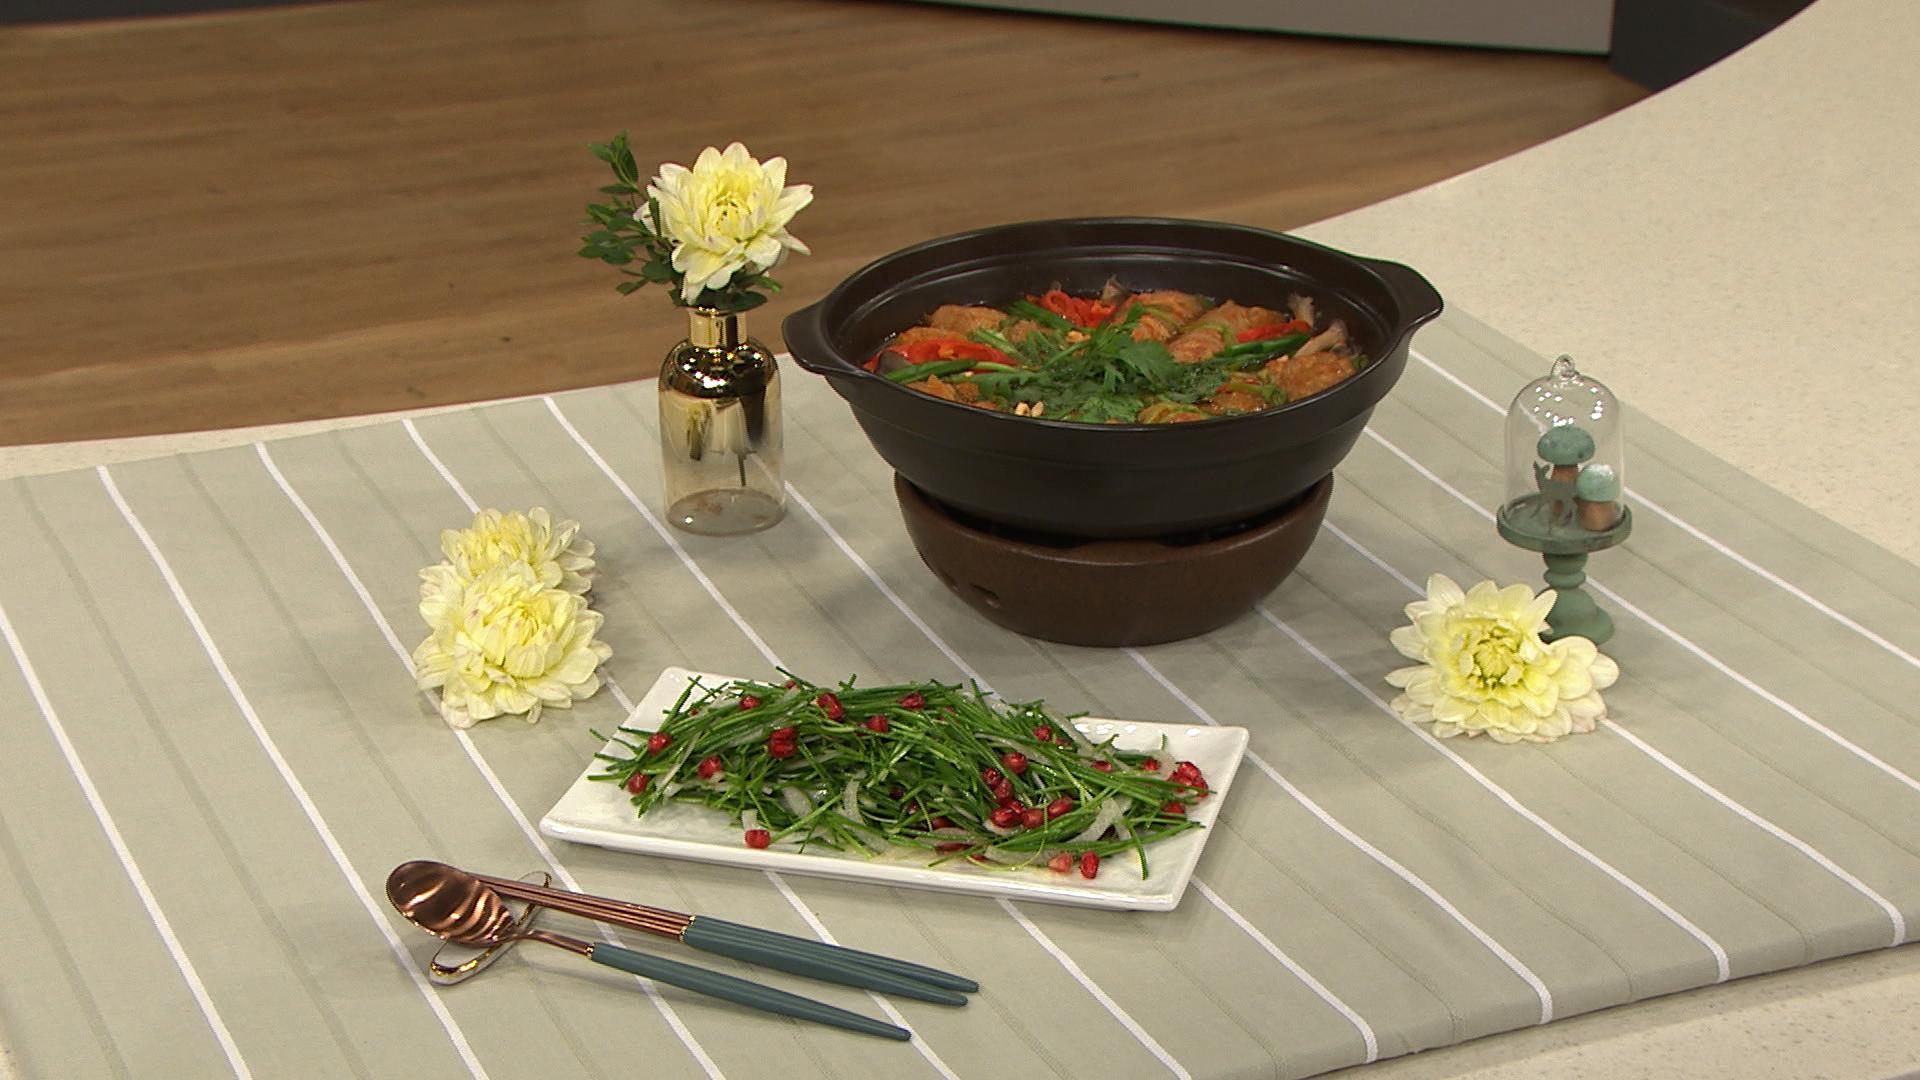 최고의 요리비결 [따뜻하게 건강을 지켜주는 영양 만점 요리 최진흔 요리연구가 ]